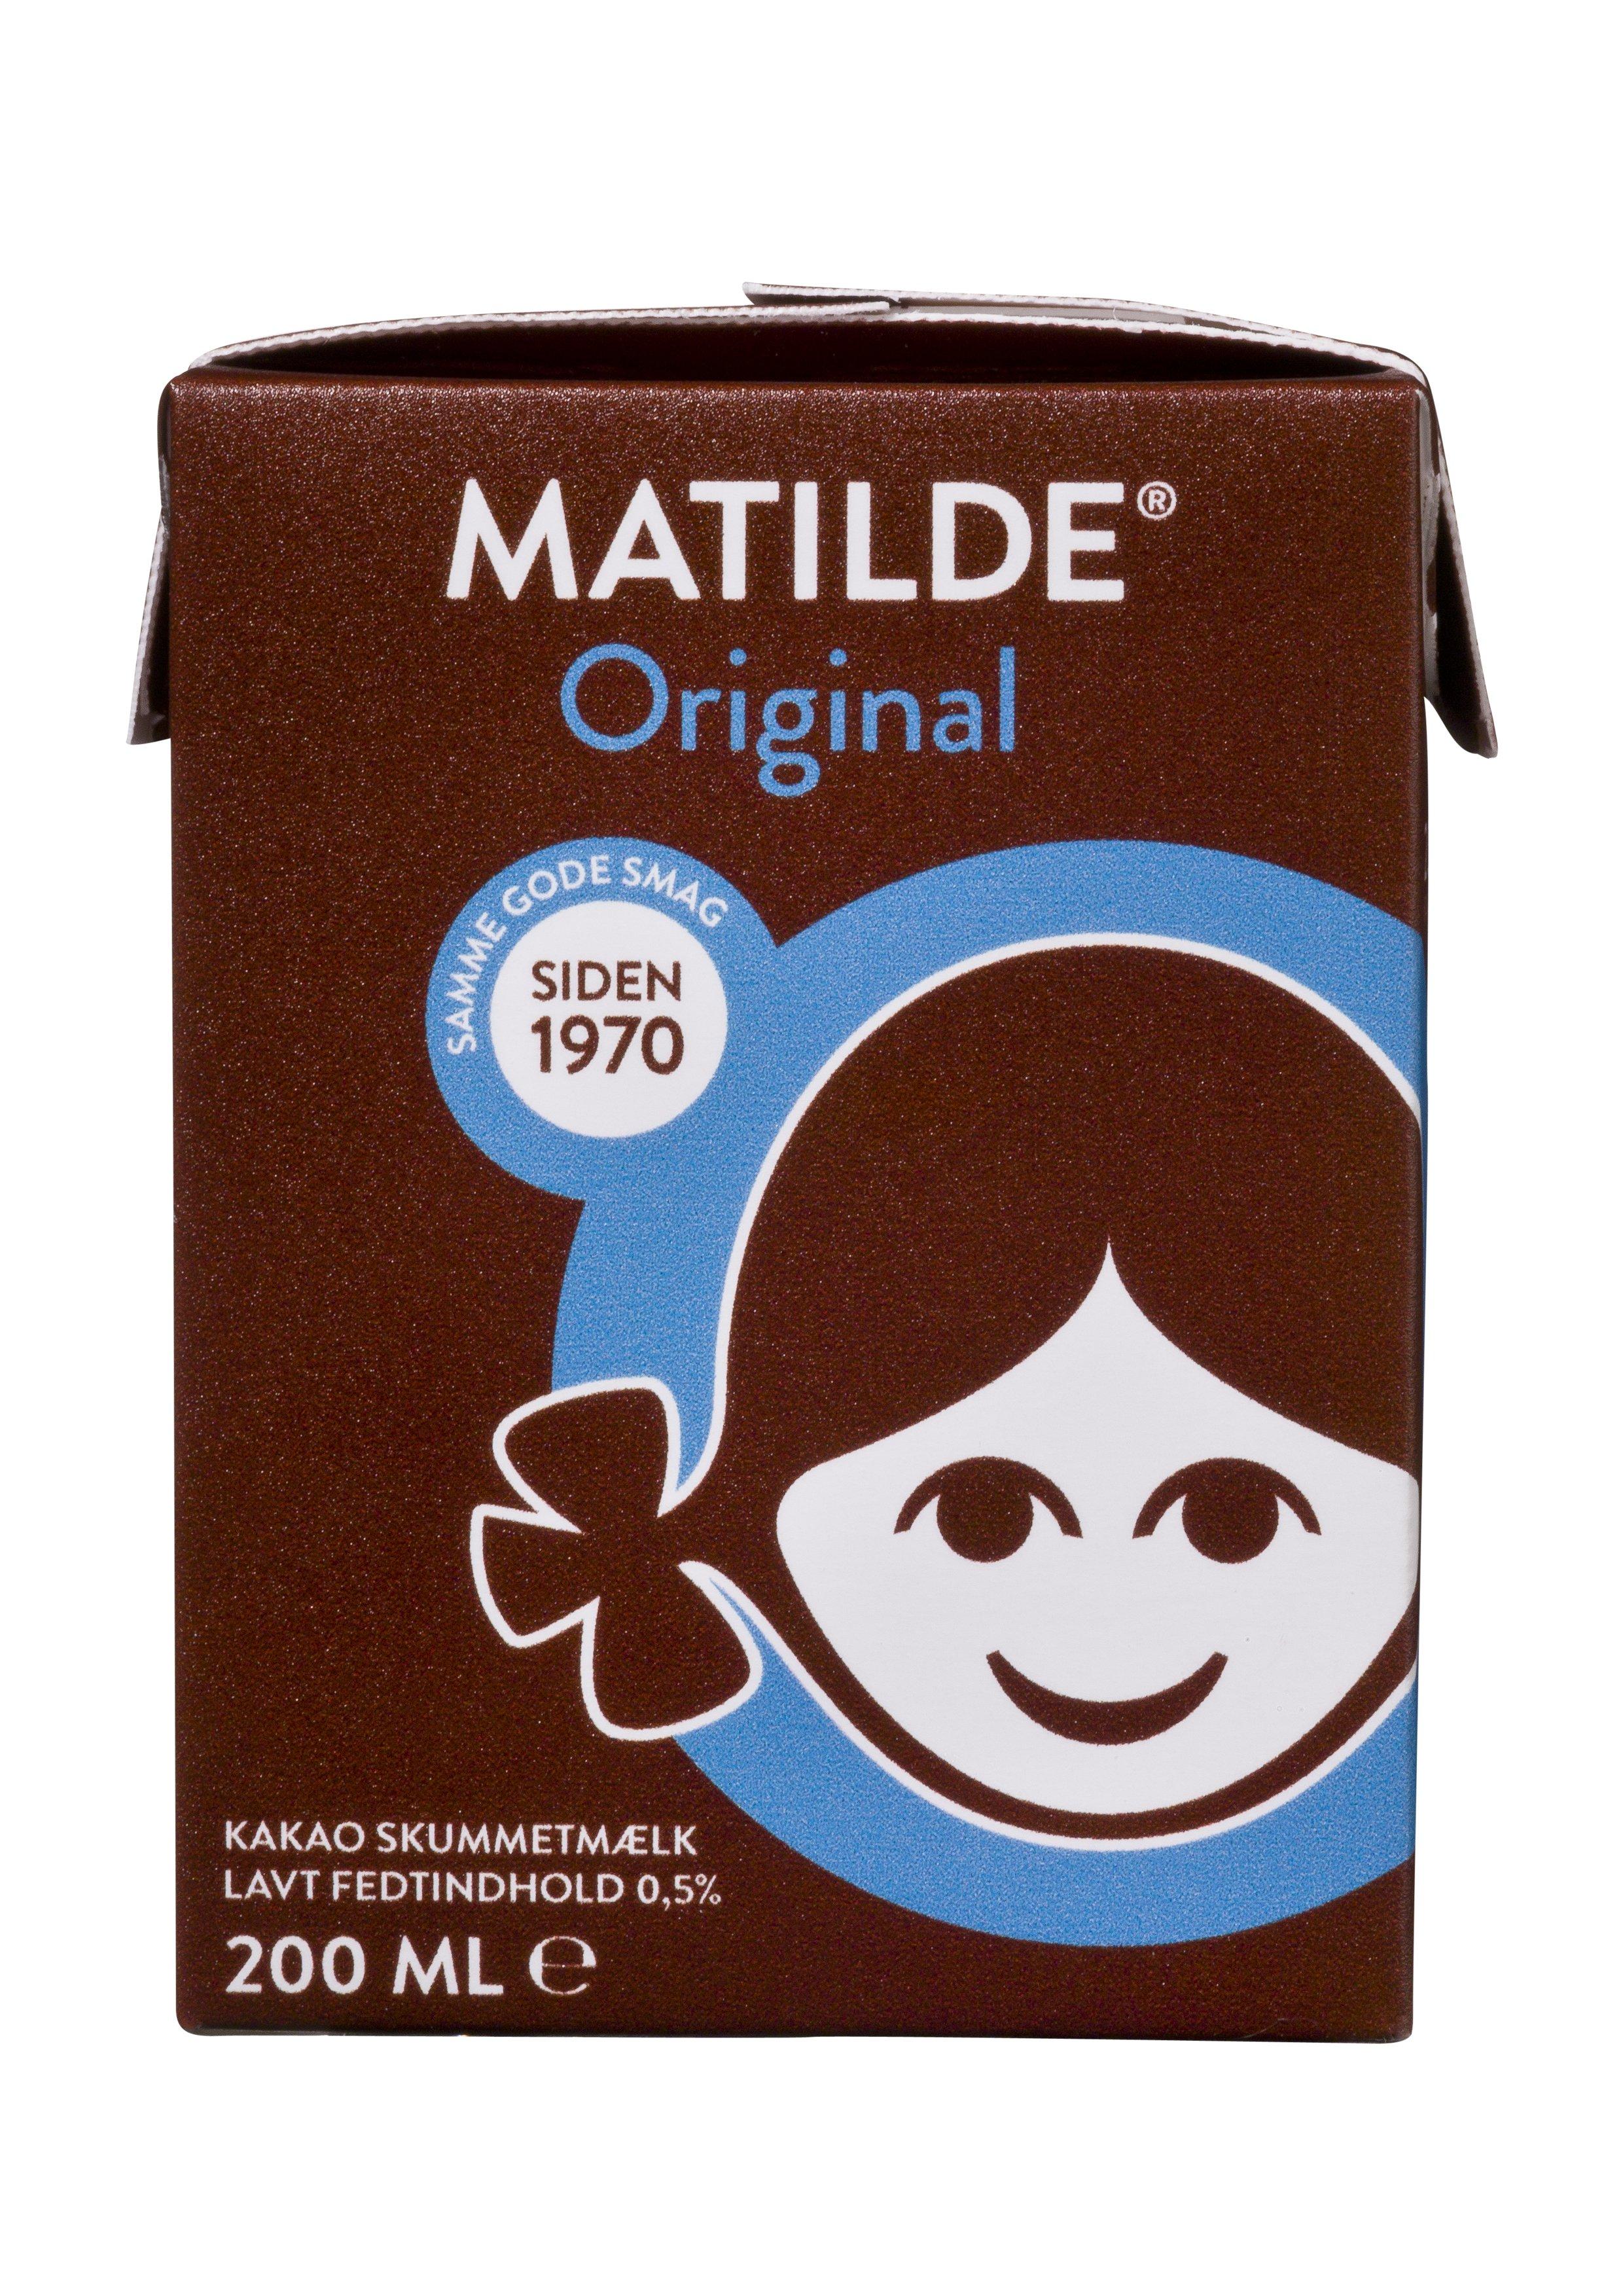 Original kakao skummetmælkd 0,5%